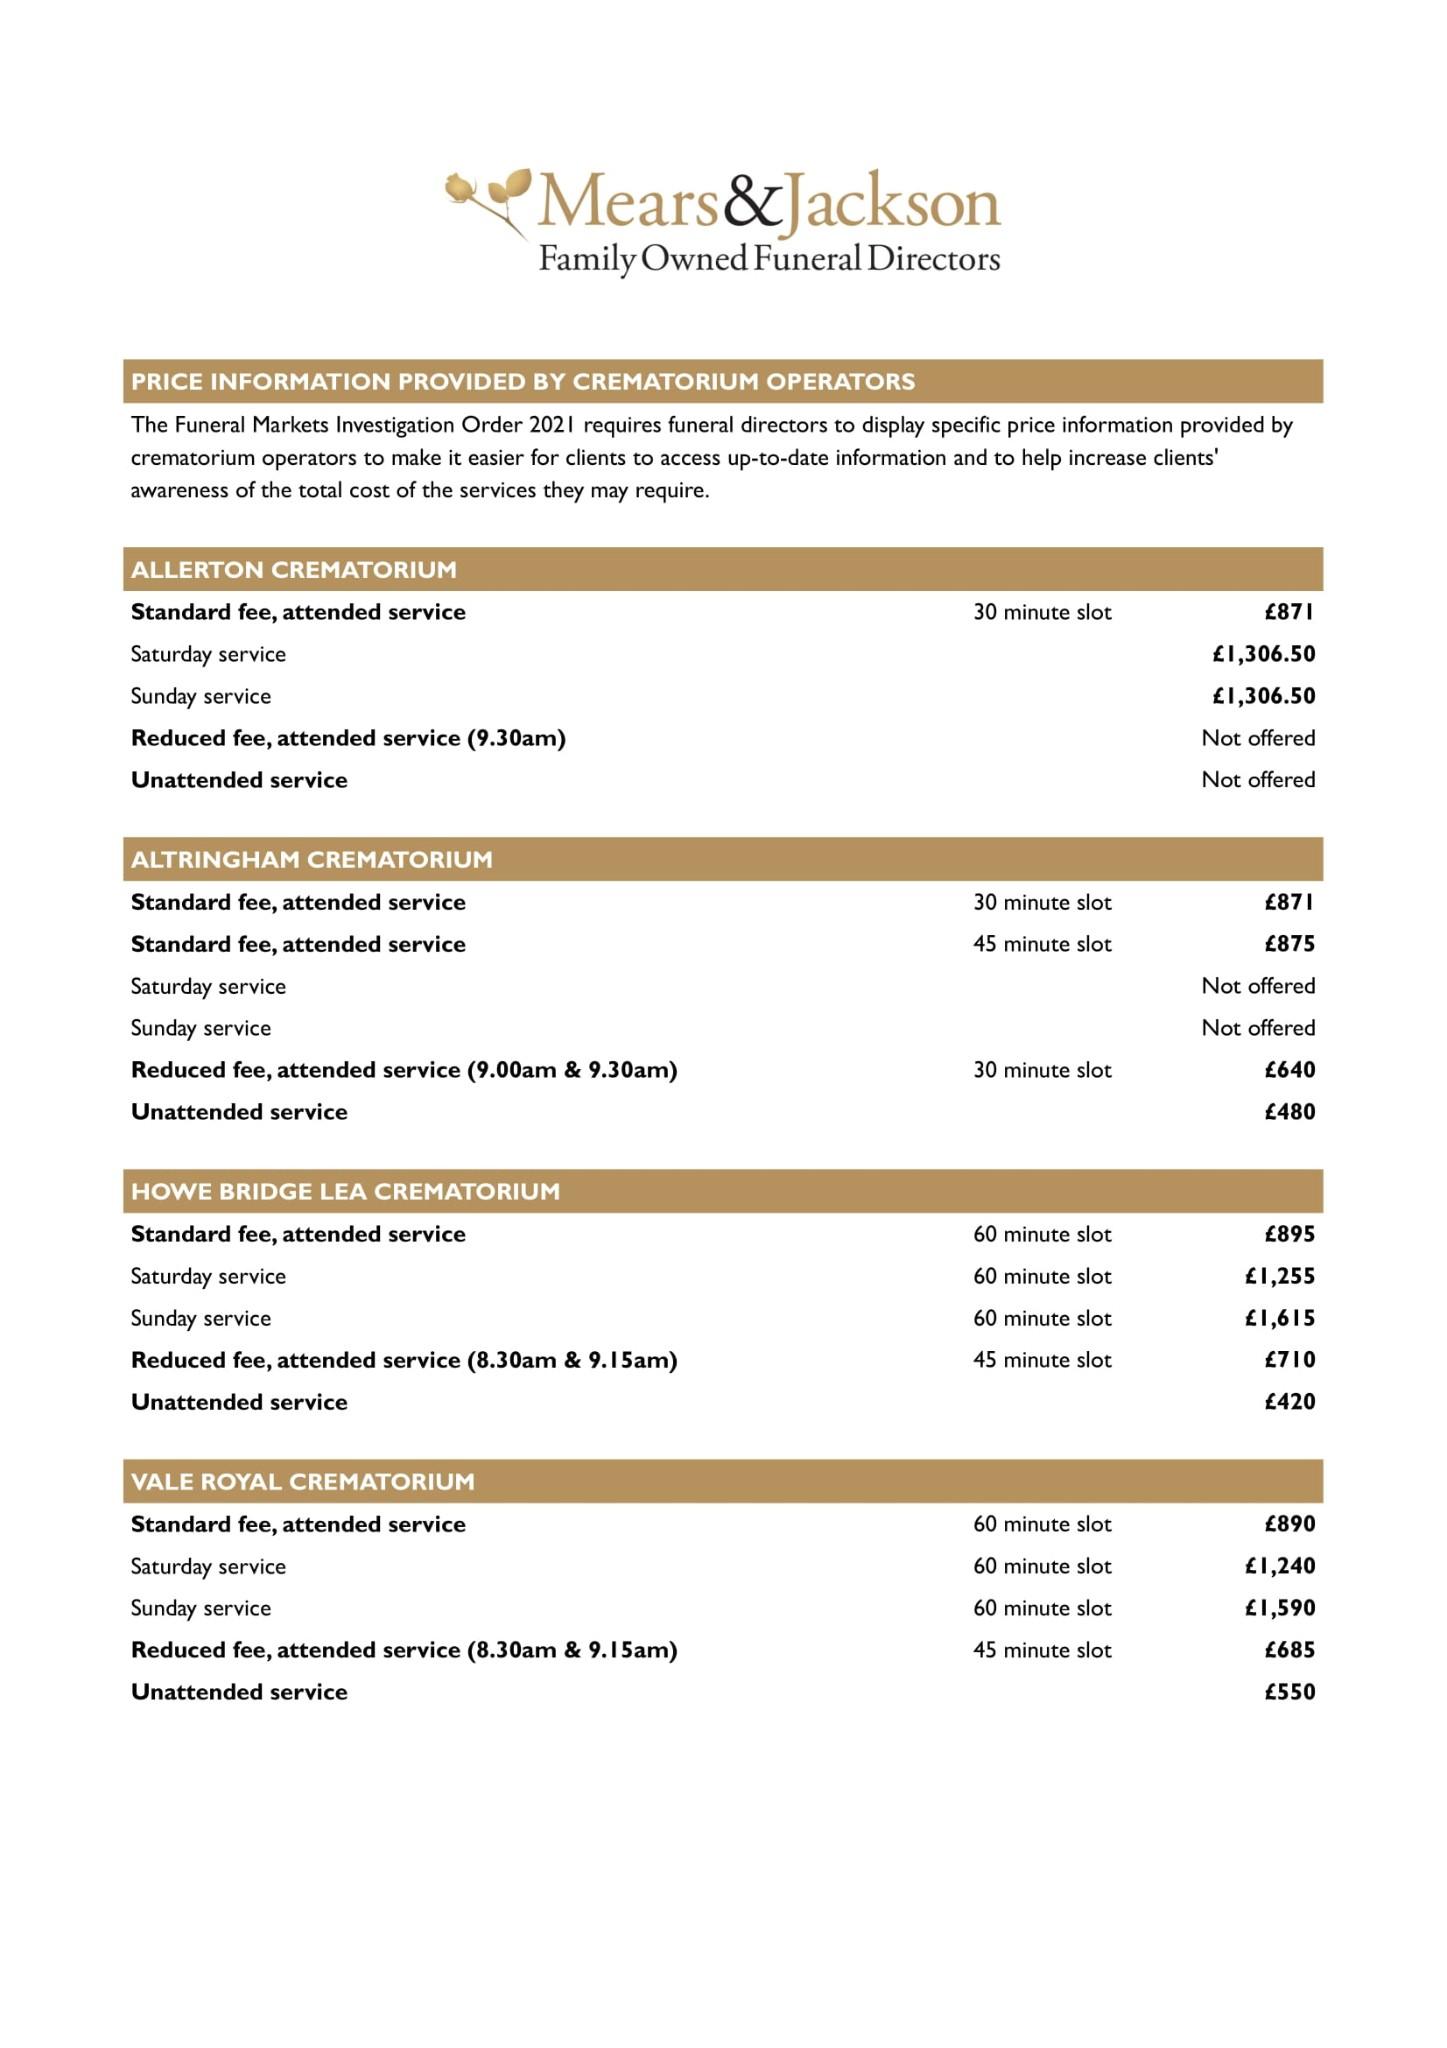 crematorium-prices-1